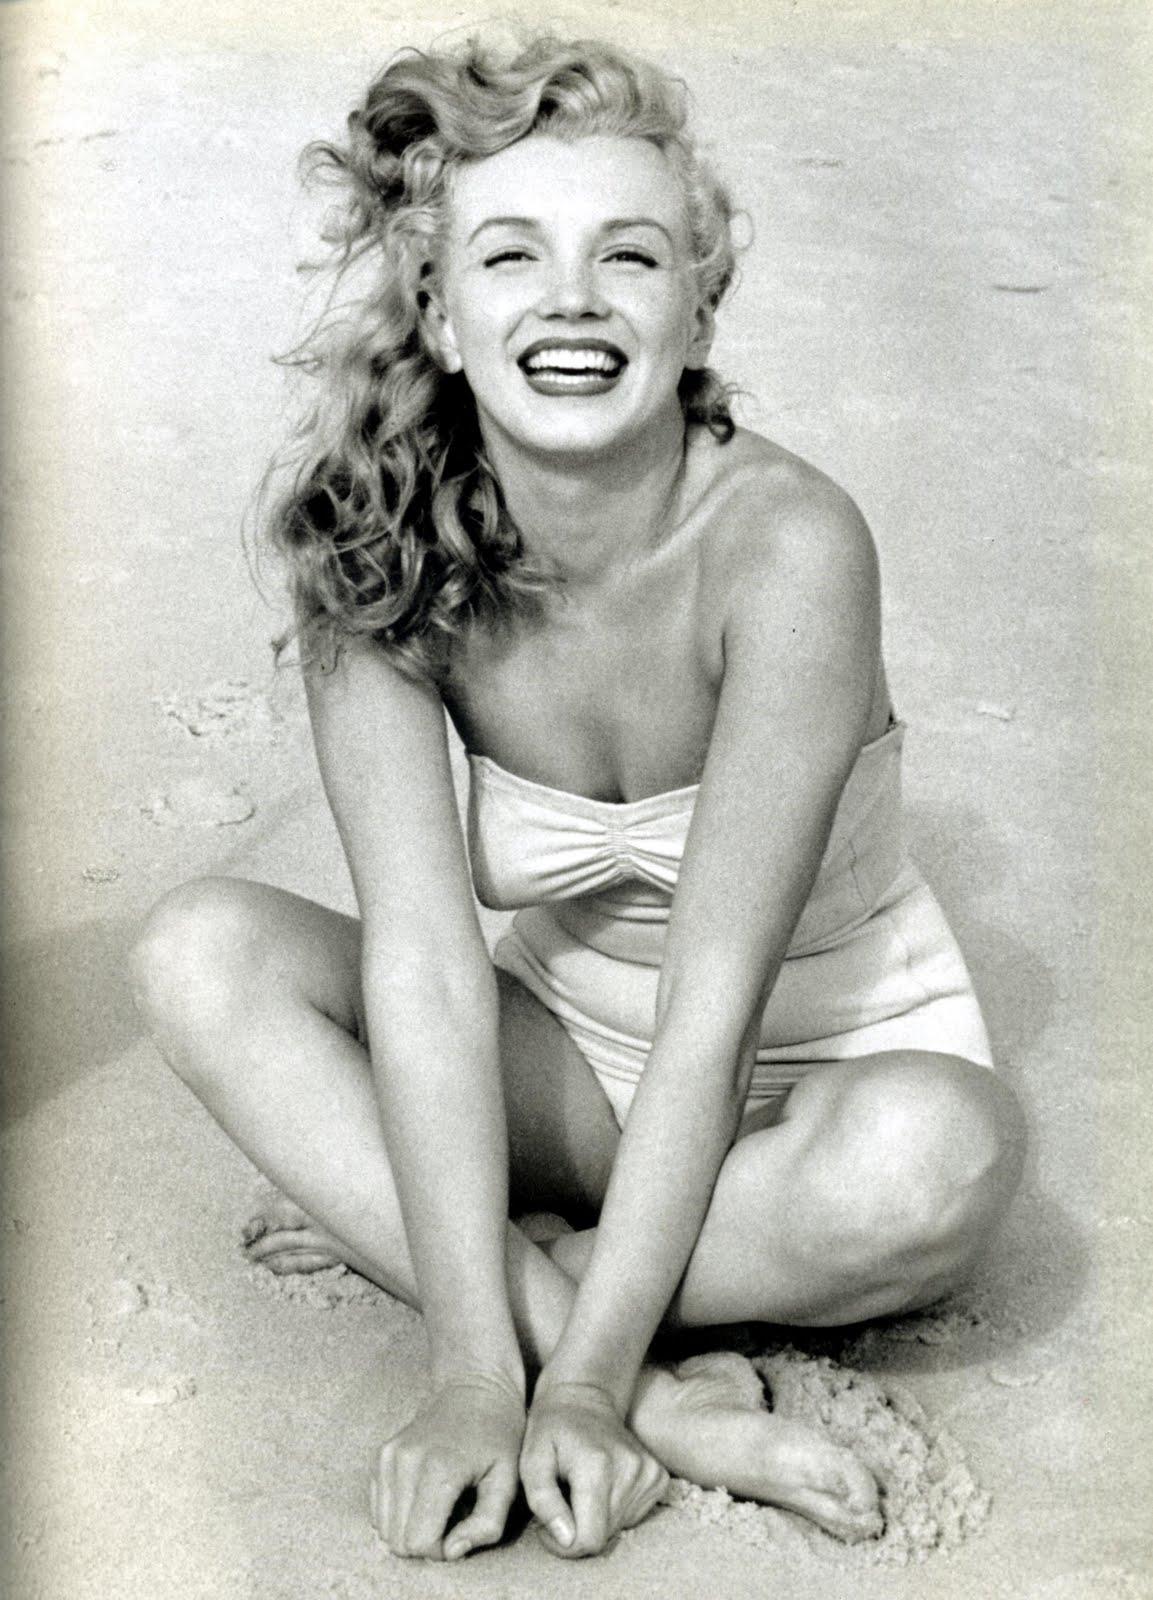 http://3.bp.blogspot.com/-n6_stIOW_-U/TmeZGNebClI/AAAAAAAAAMI/3VF0-rJDOKo/s1600/Marilyn-Monroe-Feet-279700.jpg